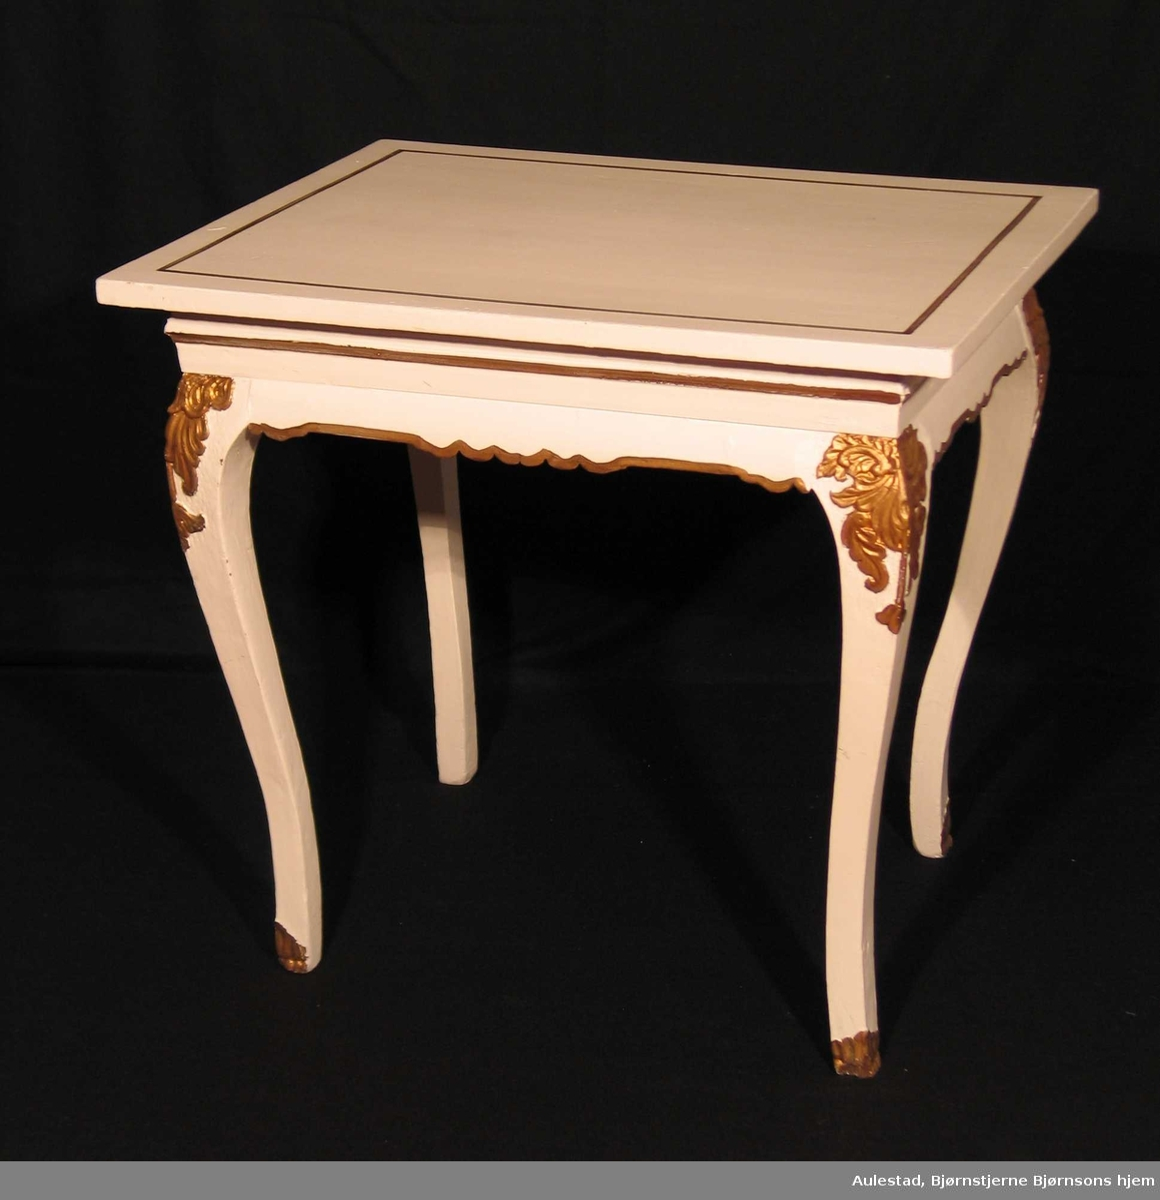 Hvitmalt bord med detaljer malt i bronse. Benene er laget i gran og bordplaten i bjørk. Benene er svungne og har utskåret skjellmønster øverst.